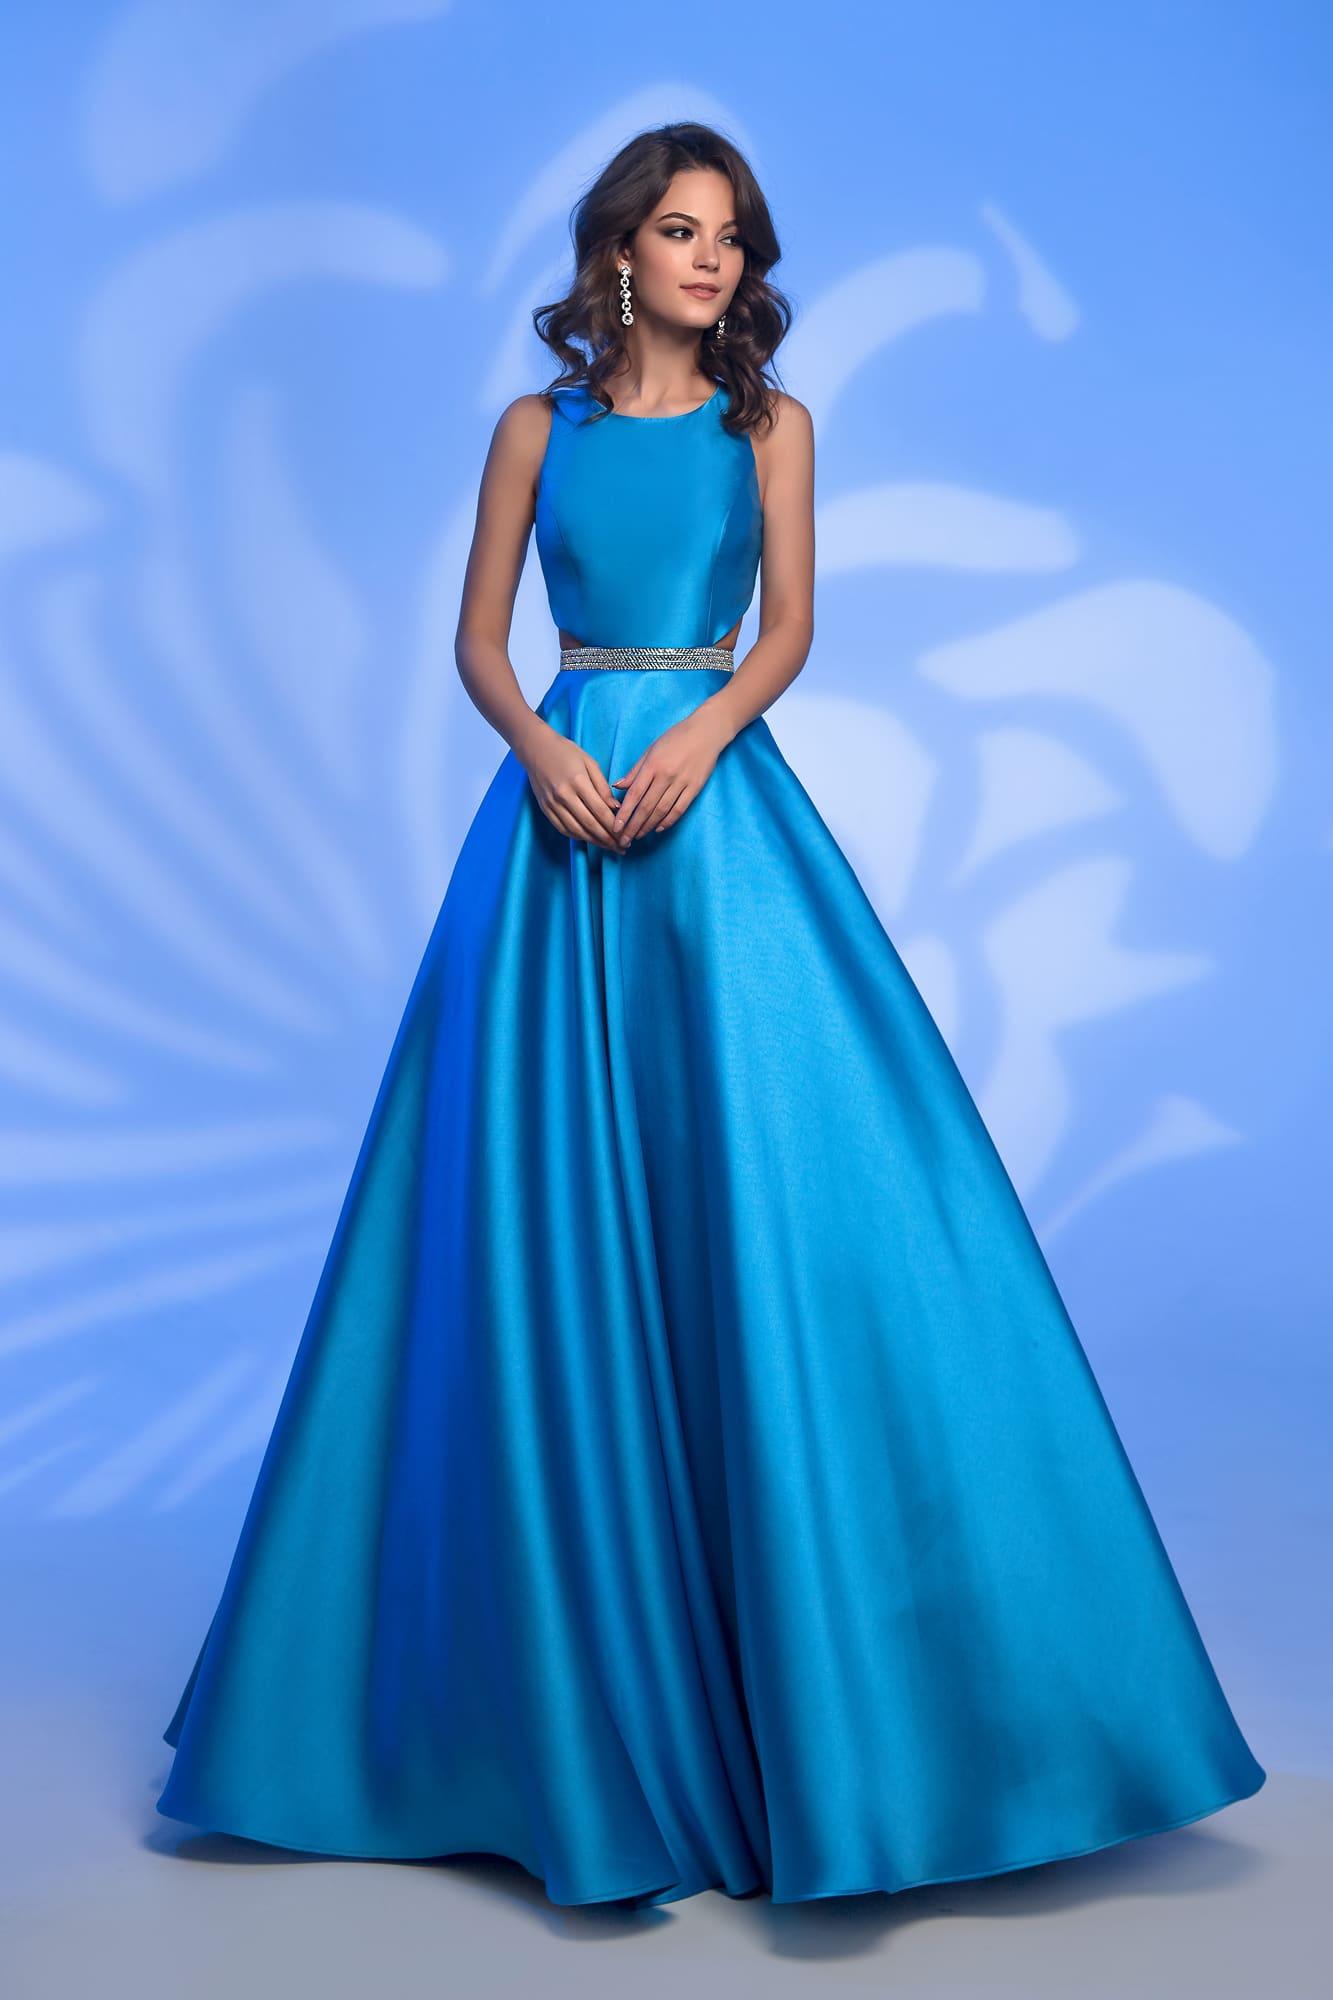 32cb5452eba Выпускное платье голубого цвета Nora Naviano 72147 teal. Купить ...